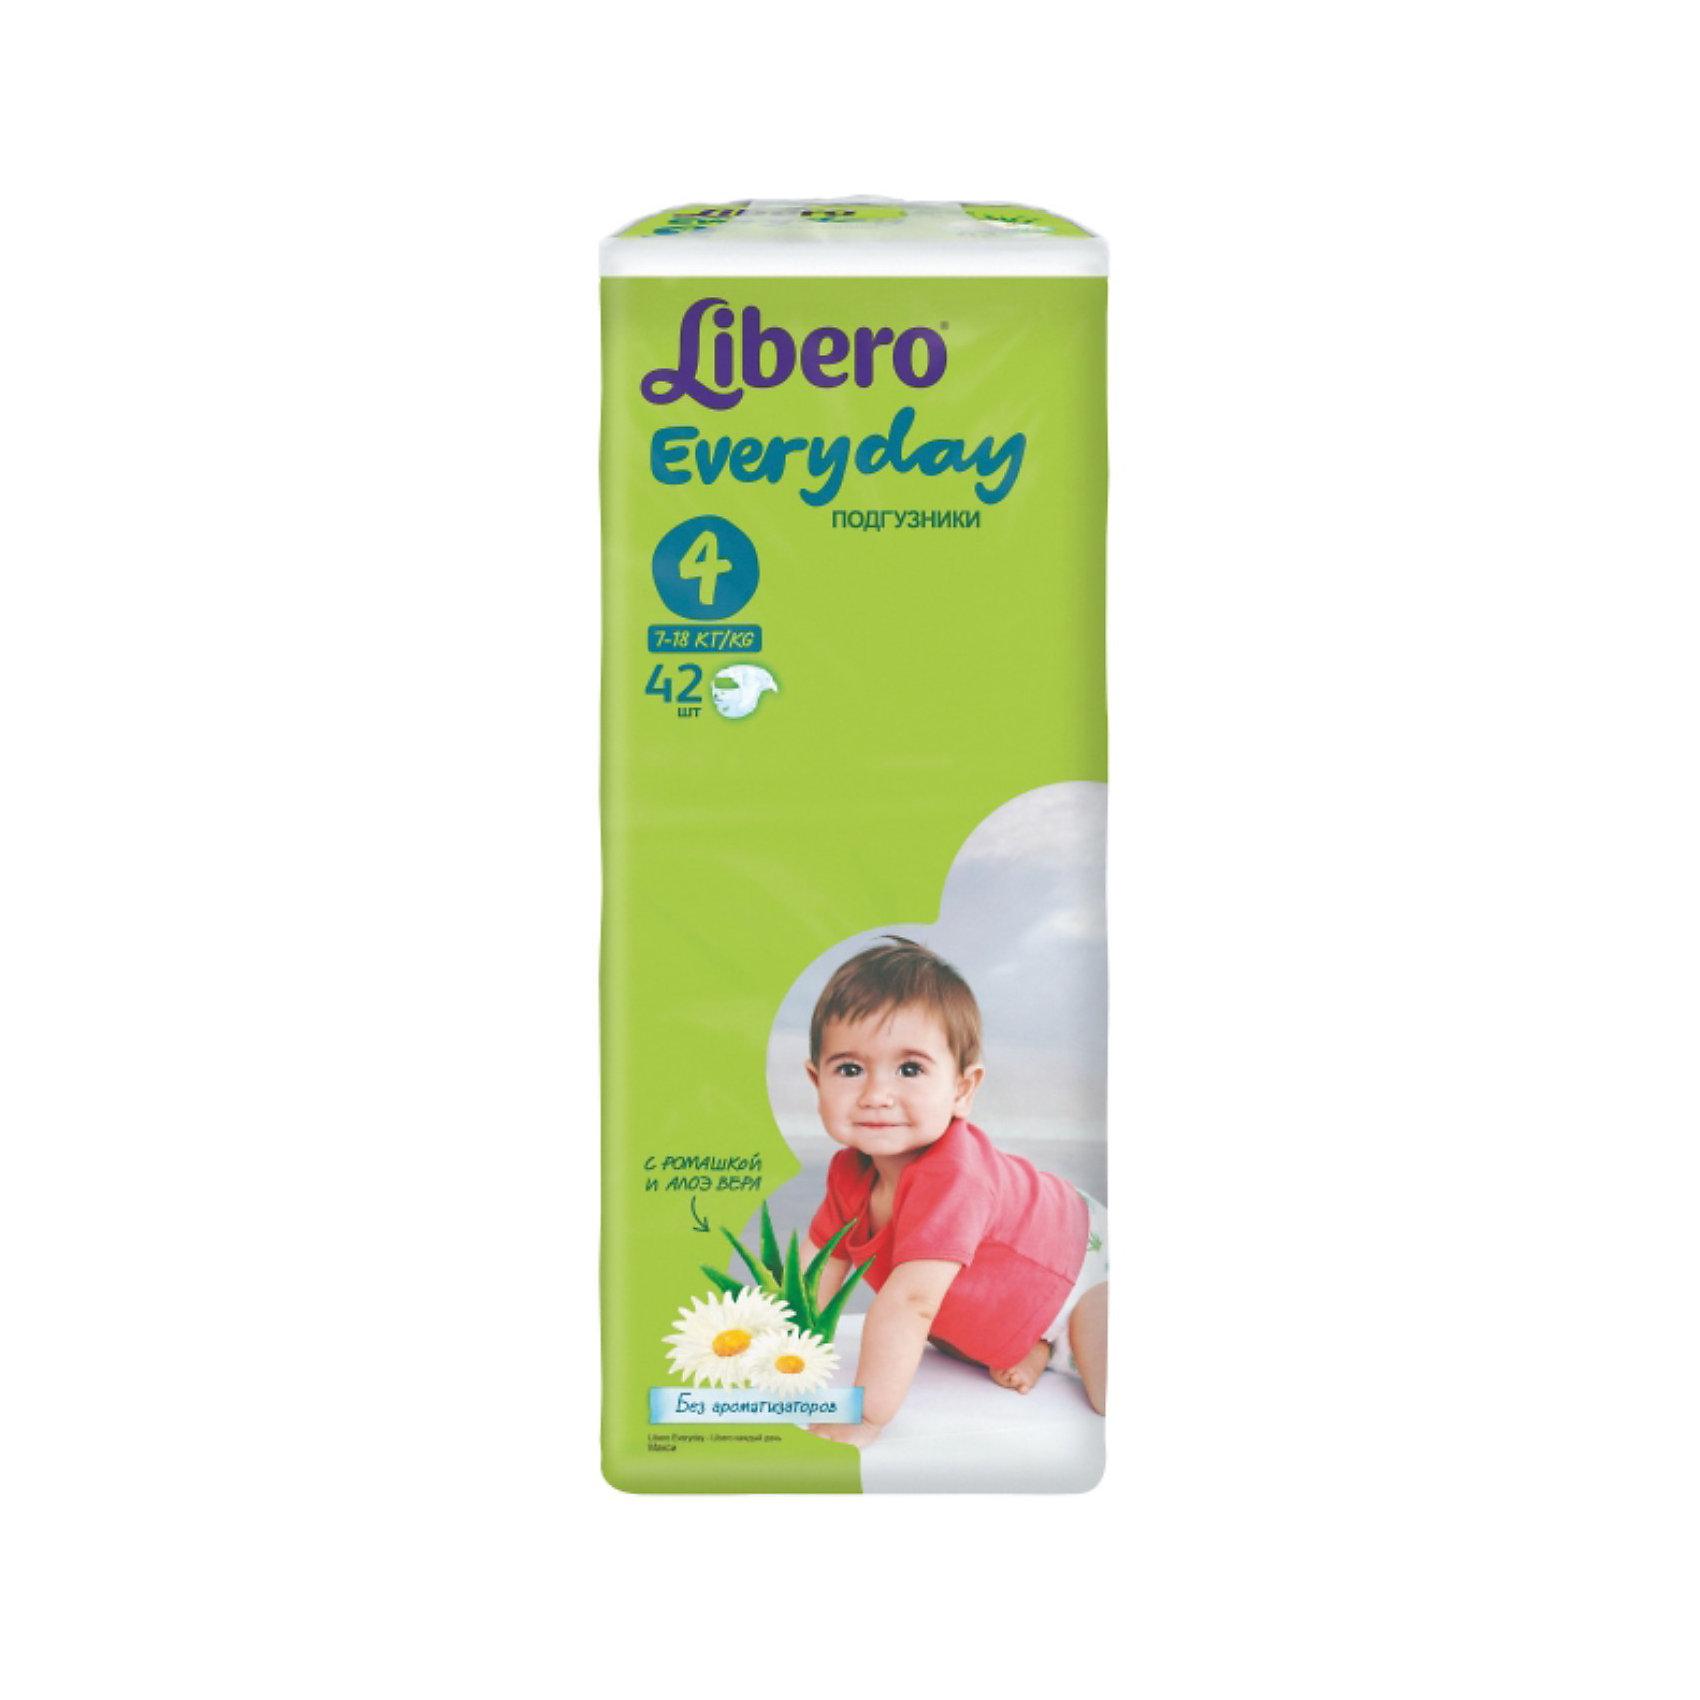 Подгузники Libero Everyday, Maxi 7-18 кг (4), 42 шт., EconomПодгузники классические<br>Подгузники Libero Everyday (Либеро Эвридэй) Size 4 (7-18кг), 42 шт.<br><br>Характеристики:<br><br>• быстро впитывают влагу и удерживают ее<br>• нетканый дышащий материал<br>• эластичная резиночка не сковывает движения ребенка<br>• мягкий барьер вокруг ног защитит от протеканий<br>• приятный рисунок<br>• многоразовые застежки<br>• размер: 4 (от 7 до 18 кг)<br>• количество в упаковке: 42 шт.<br><br>Подгузники Libero Everyday подарят сухость и комфорт вашему малышу. Подгузники плотно прилегают к телу и не сковывают движения крохи, благодаря эластичному поясу. Нетканый материал подгузника имеет отверстия для циркуляции воздуха, позволяющие коже дышать. Внутренний слой быстро впитывает влагу, равномерно распределяет и удерживает ее внутри. <br>Ромашка и алоэ бережно позаботятся о коже малыша и не допустят воспаления и раздражения. Подарите крохе комфорт с подгузниками Libero Everyday!<br><br>Подгузники Libero Everyday (Либеро Эвридэй) Size 4 (7-18кг), 42 шт. можно купить в нашем интернет-магазине.<br><br>Ширина мм: 127<br>Глубина мм: 195<br>Высота мм: 440<br>Вес г: 1332<br>Возраст от месяцев: 6<br>Возраст до месяцев: 36<br>Пол: Унисекс<br>Возраст: Детский<br>SKU: 3517603